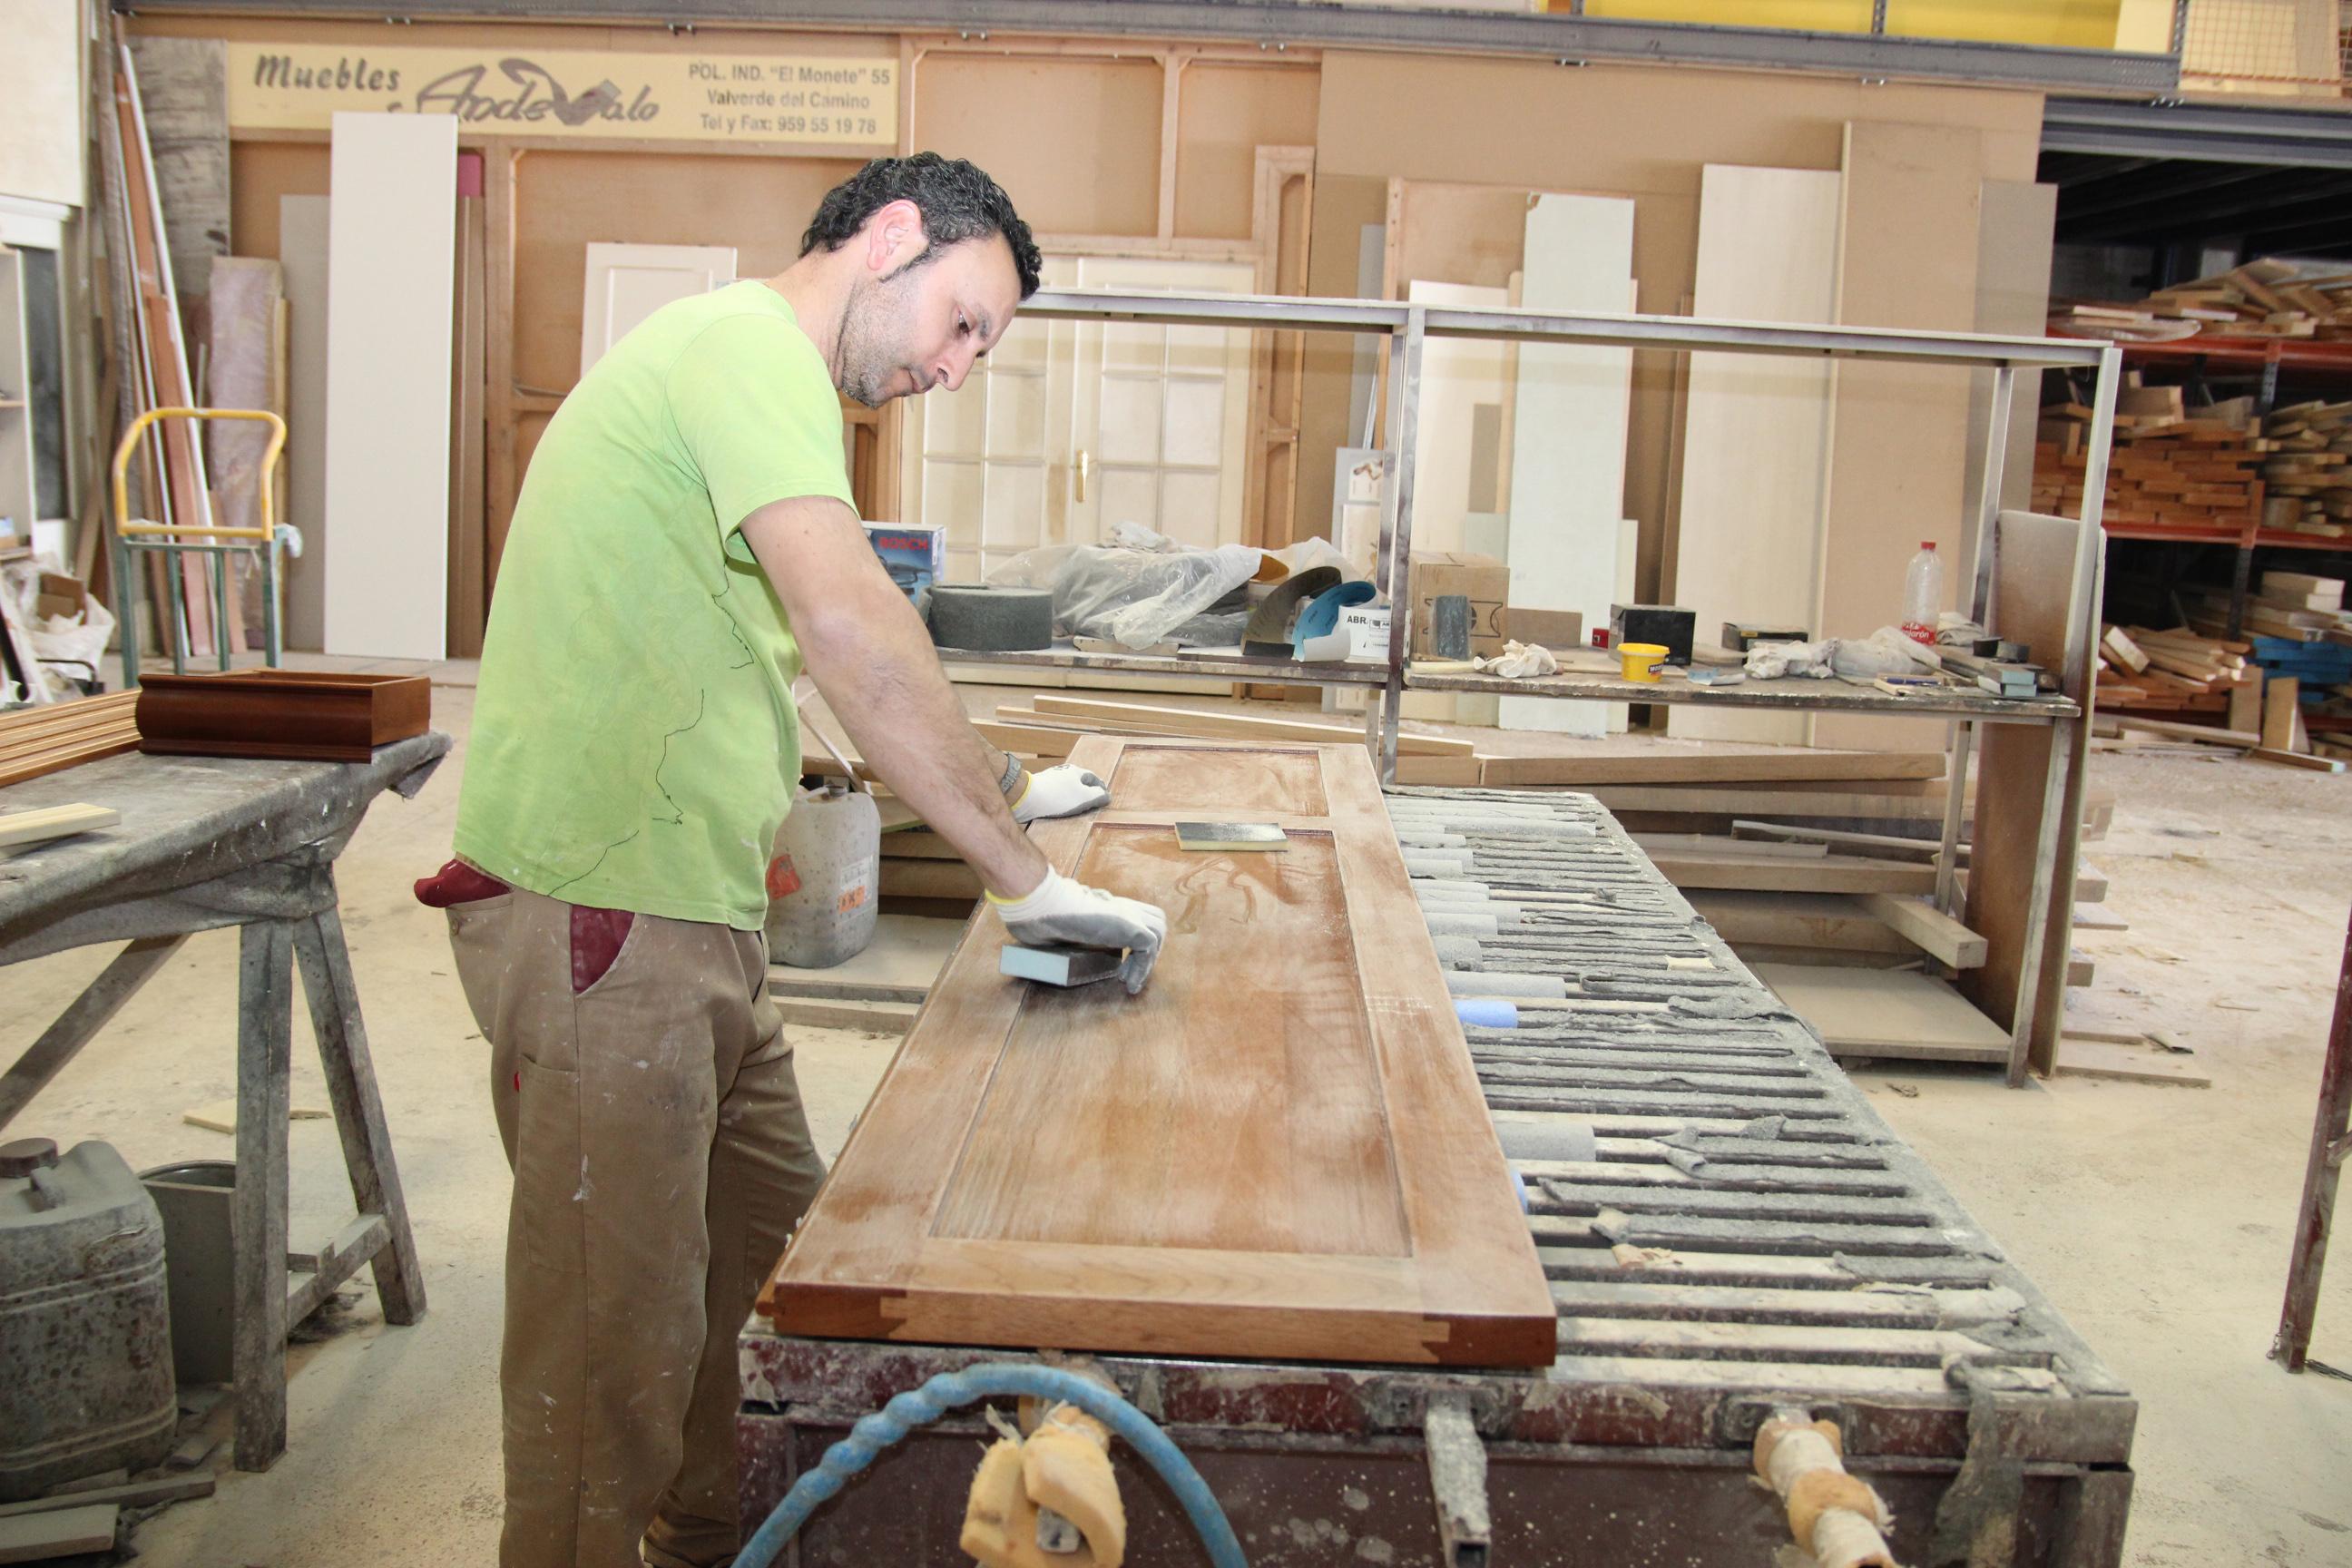 El mueble a medida de Valverde genera más de un centenar de empleos directos y duplica los indirectos